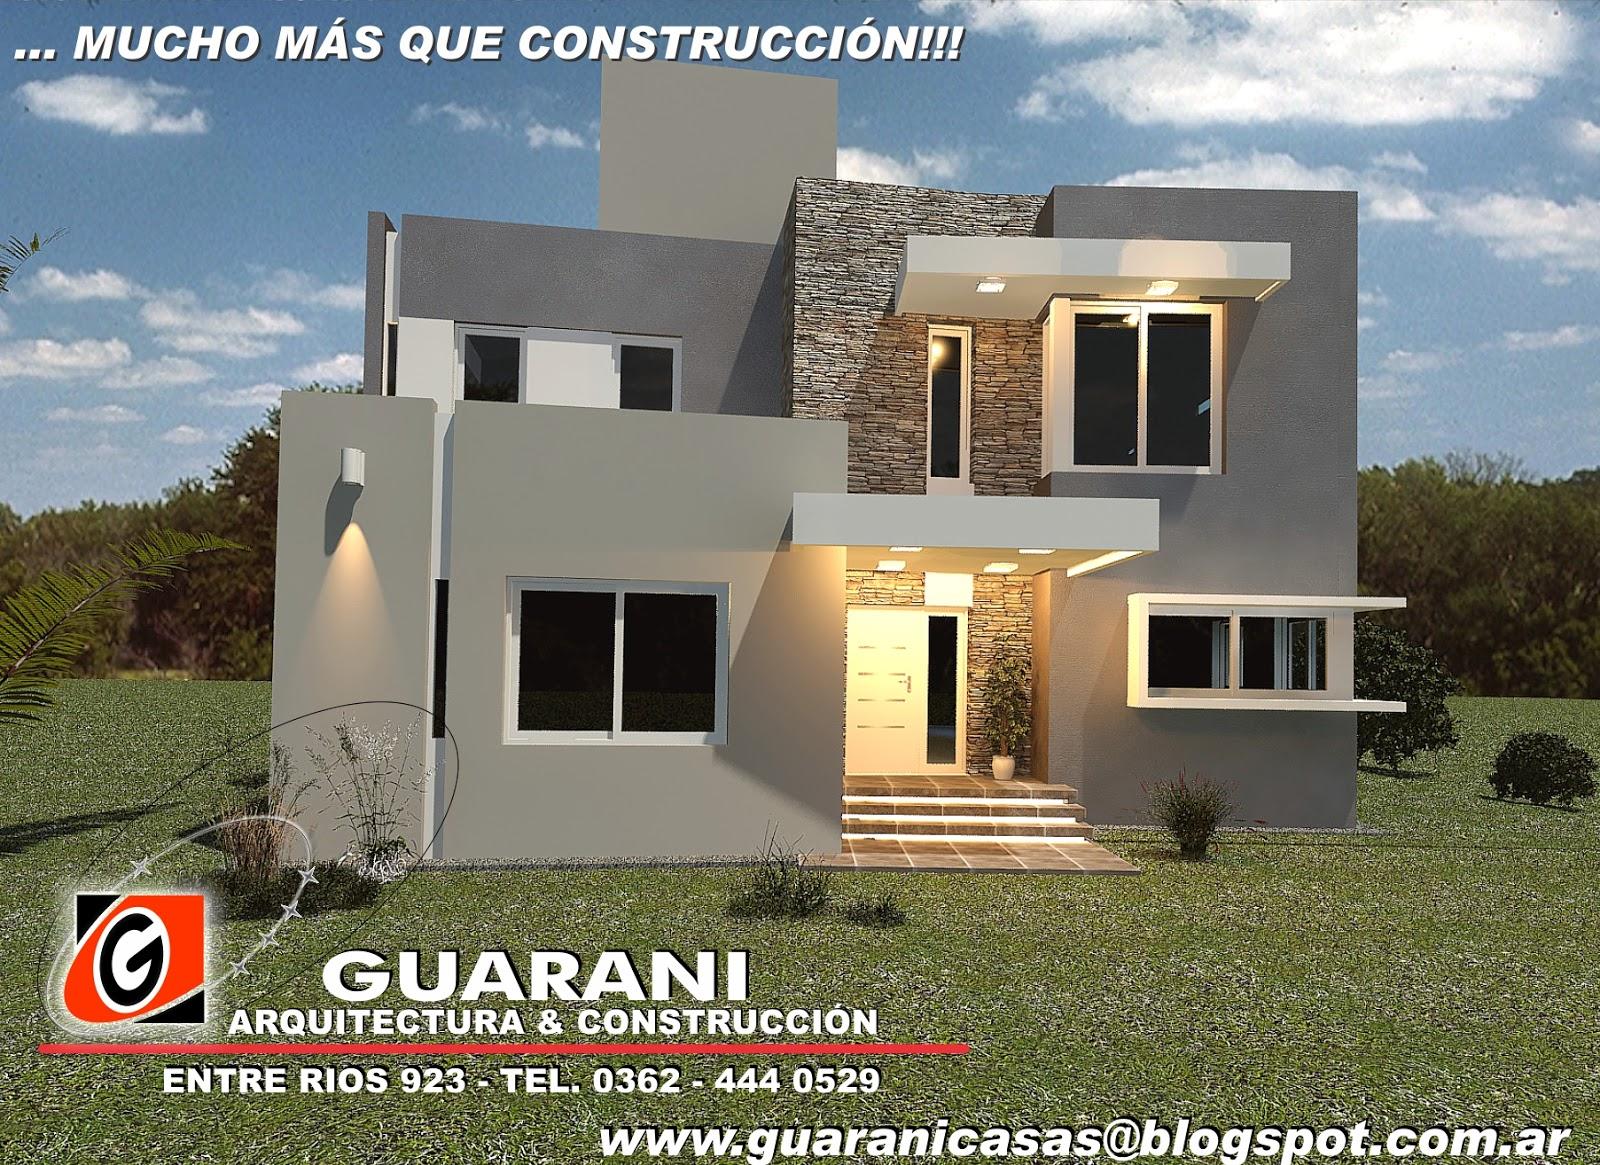 Arquitectura y construccion dise o y estudio 3d casa for Diseno de construccion de casas